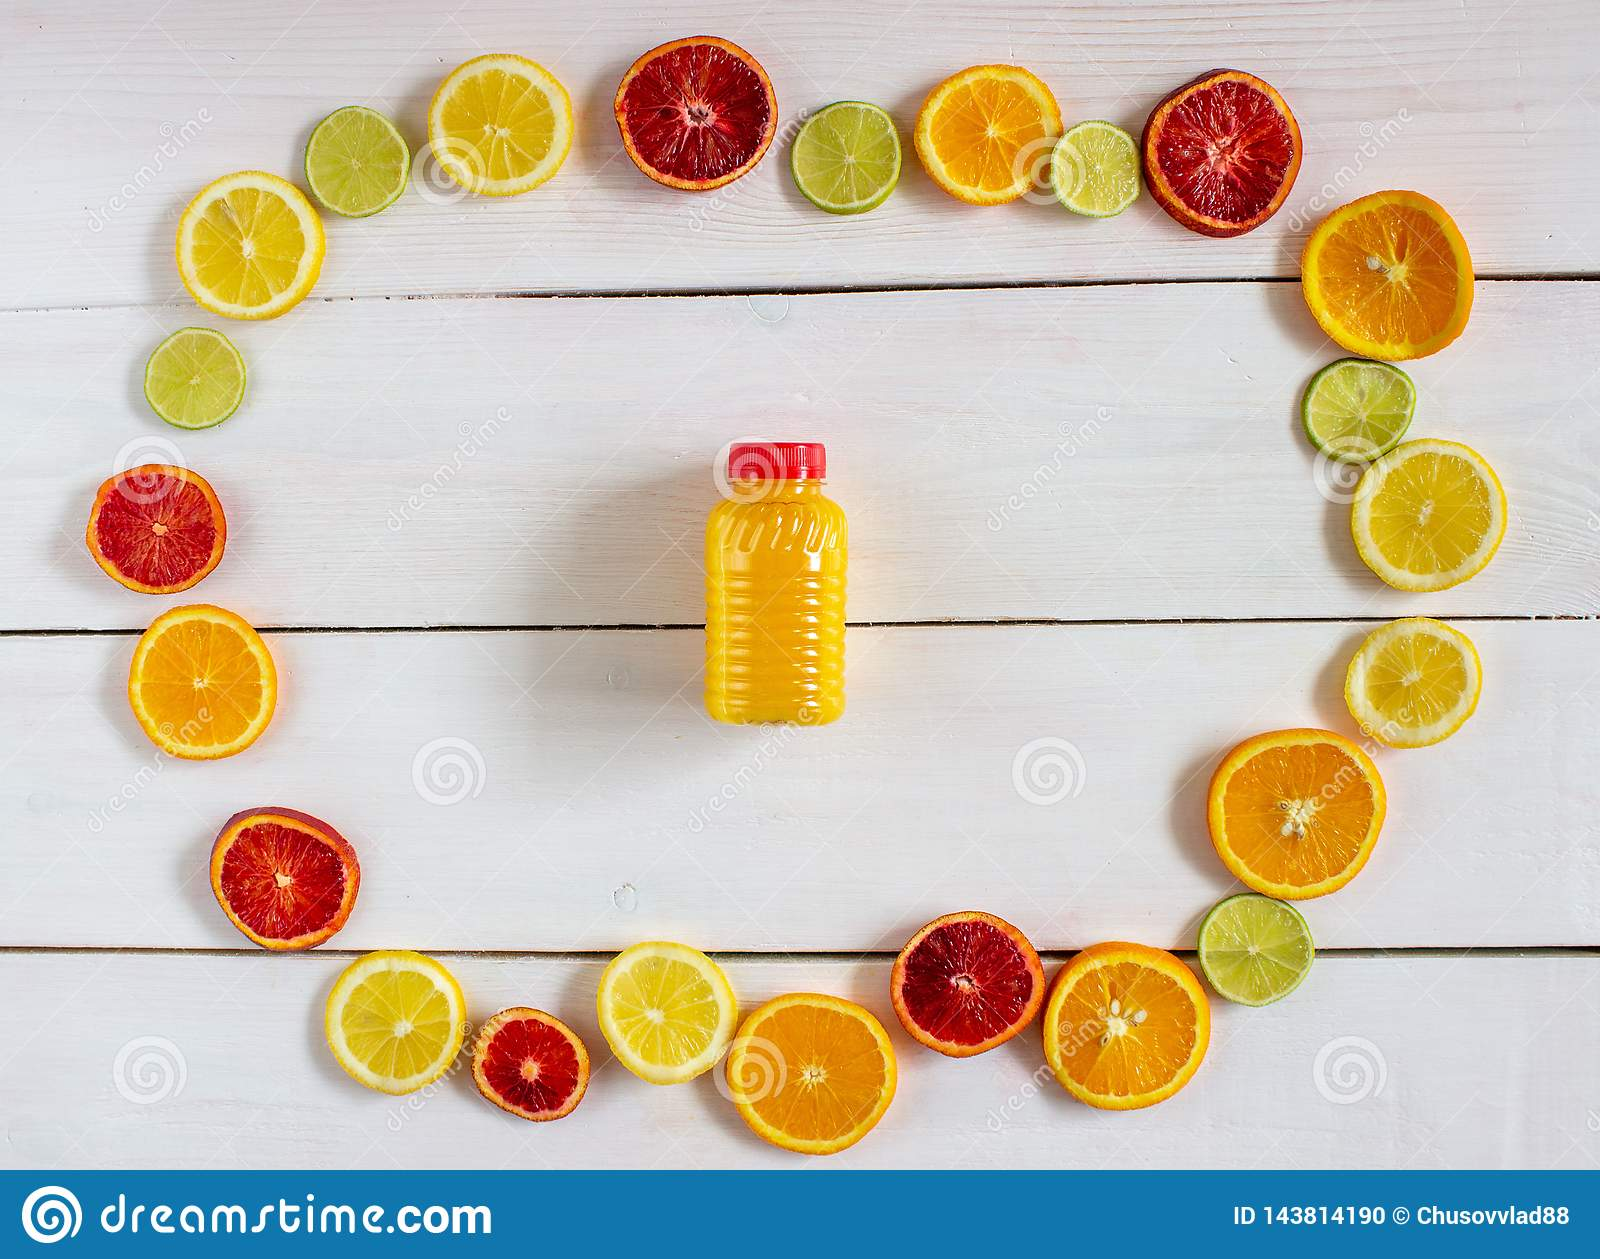 Цитрусовые фрукты и сок на белой деревянной предпосылке